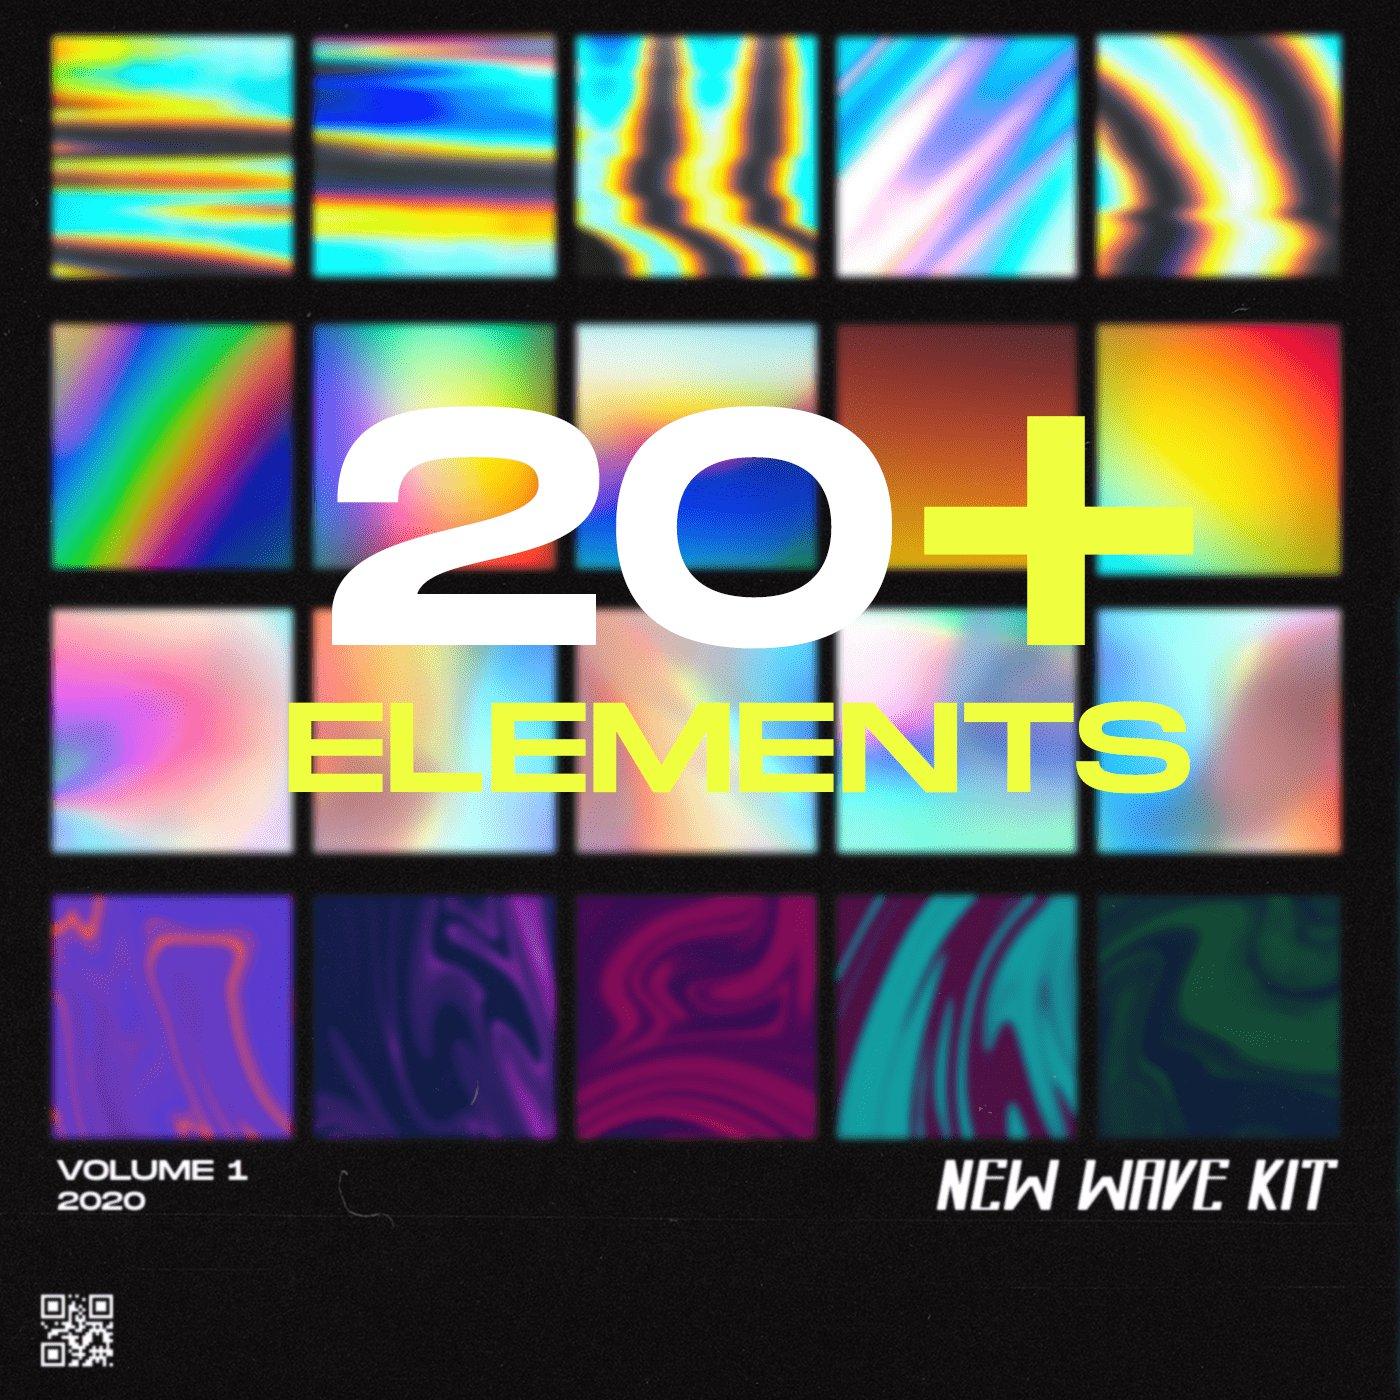 FREE New Wave KIT Vol.1 - 2020